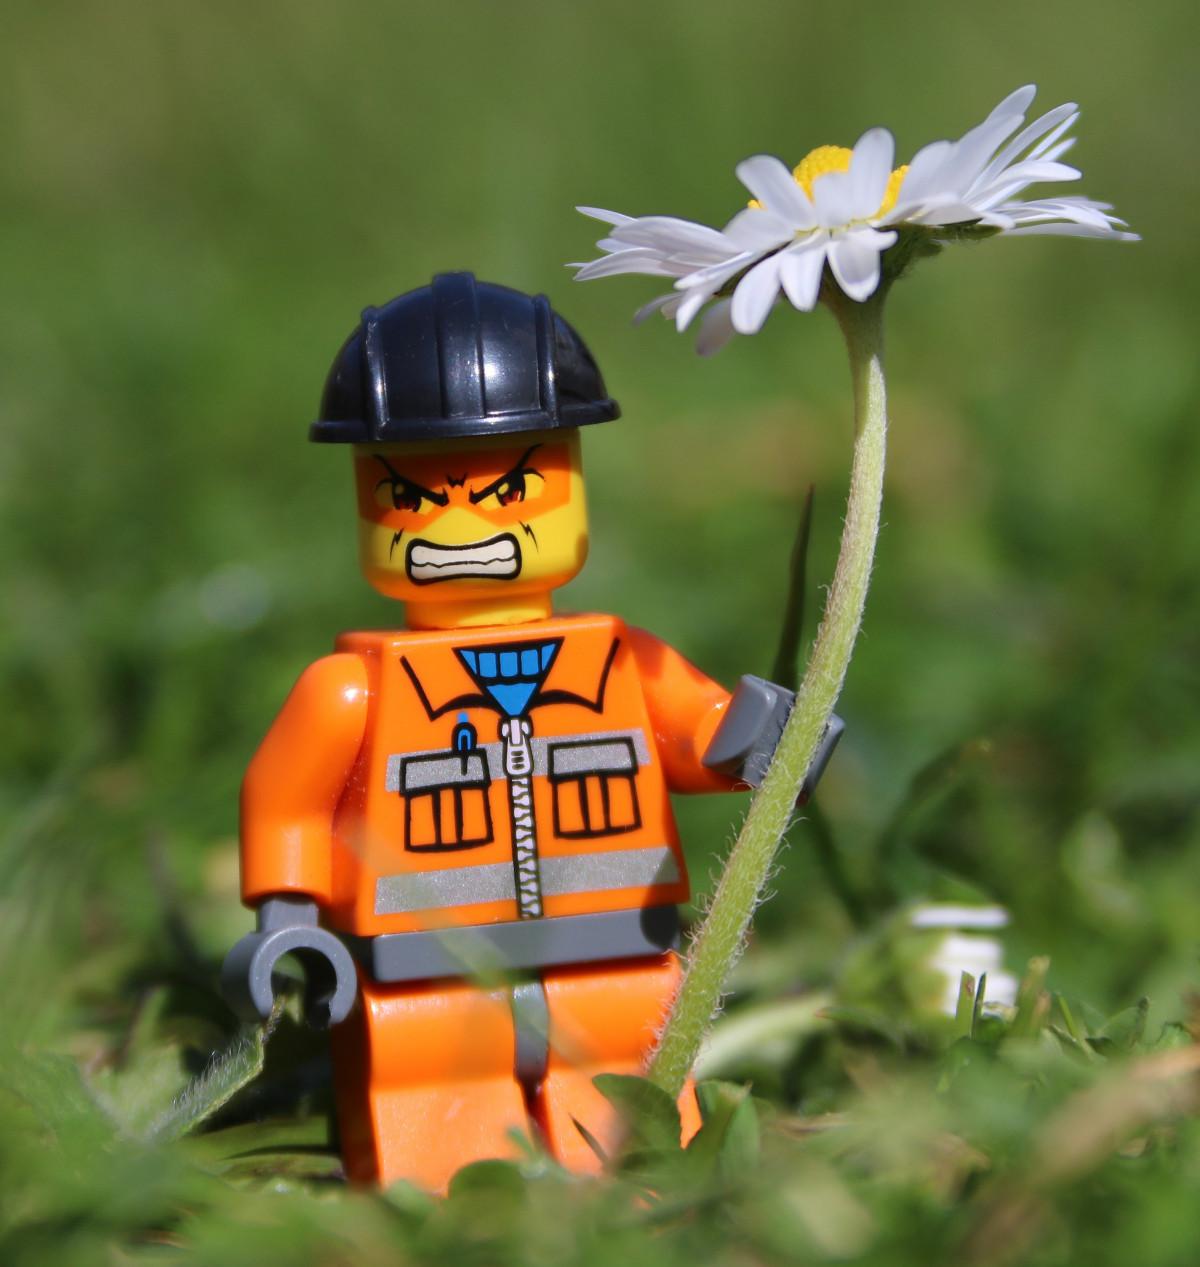 homme la personne Marguerite jaune jouet visage drôle humour expression Lego en colère stress émotion colère furieux frustration Homme jouet Visage énervé